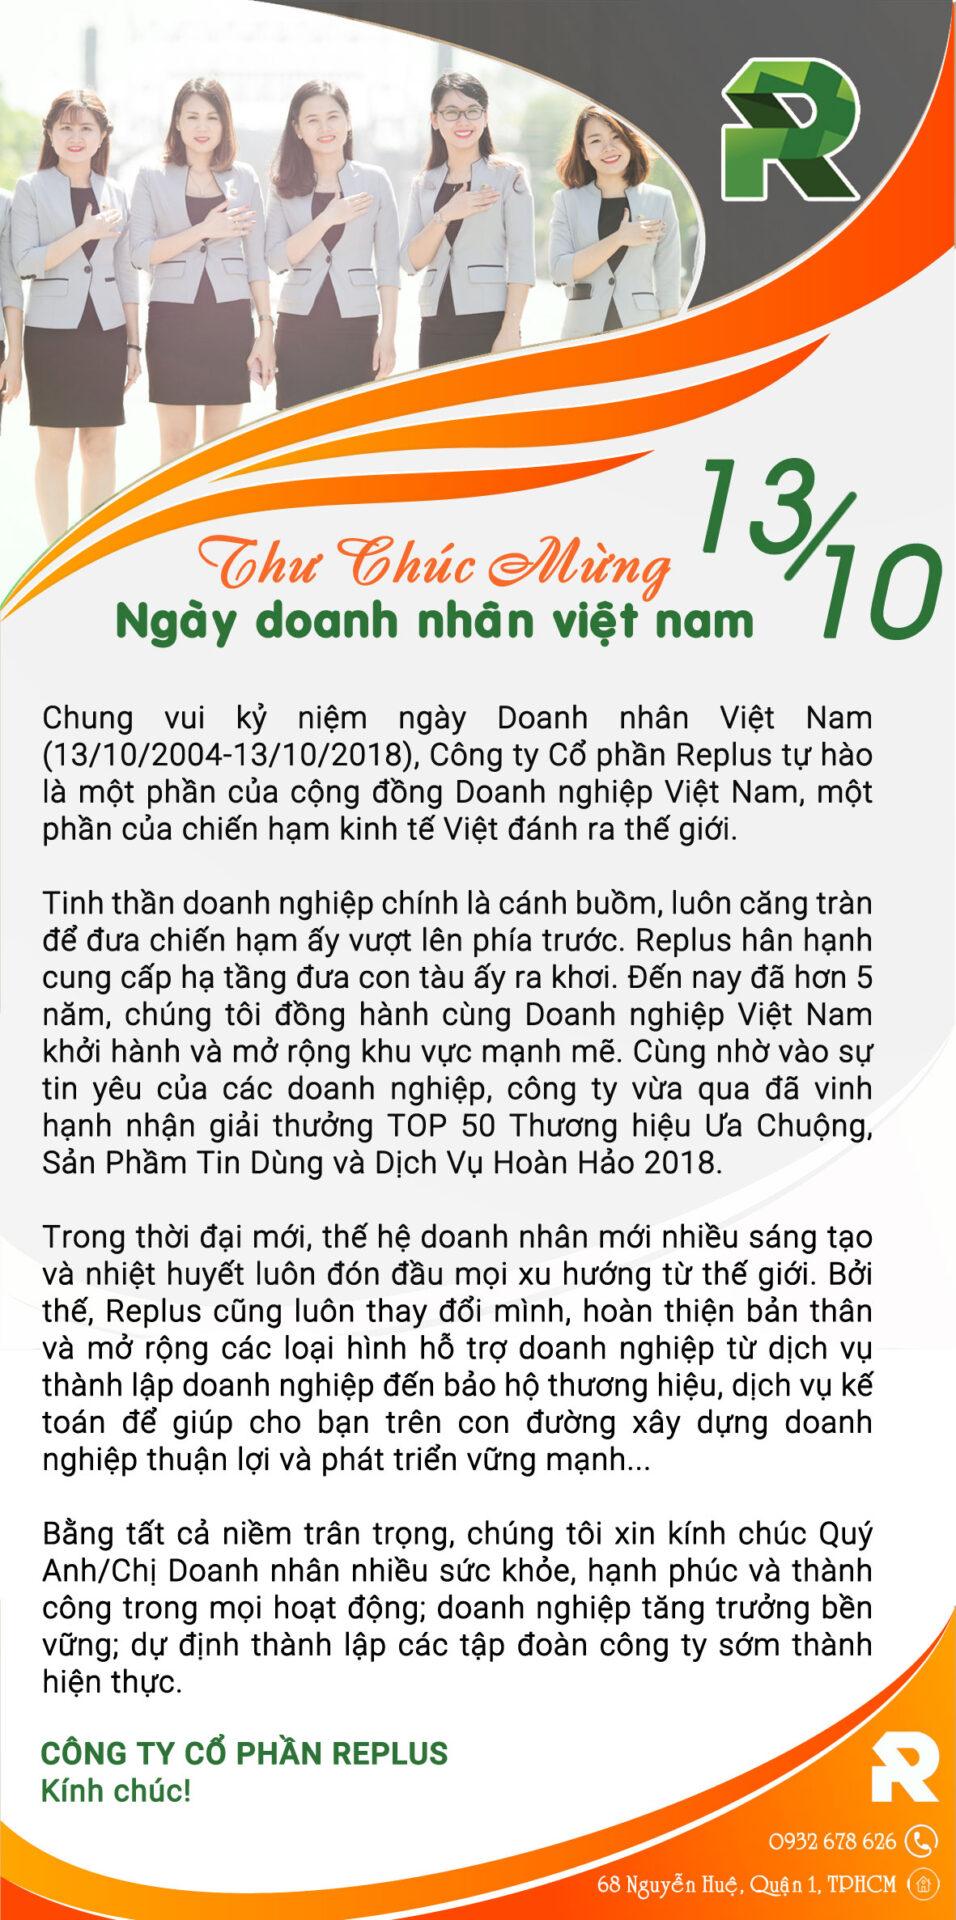 Thư chúc mừng Ngày Doanh Nhân Việt Nam 13/10 1